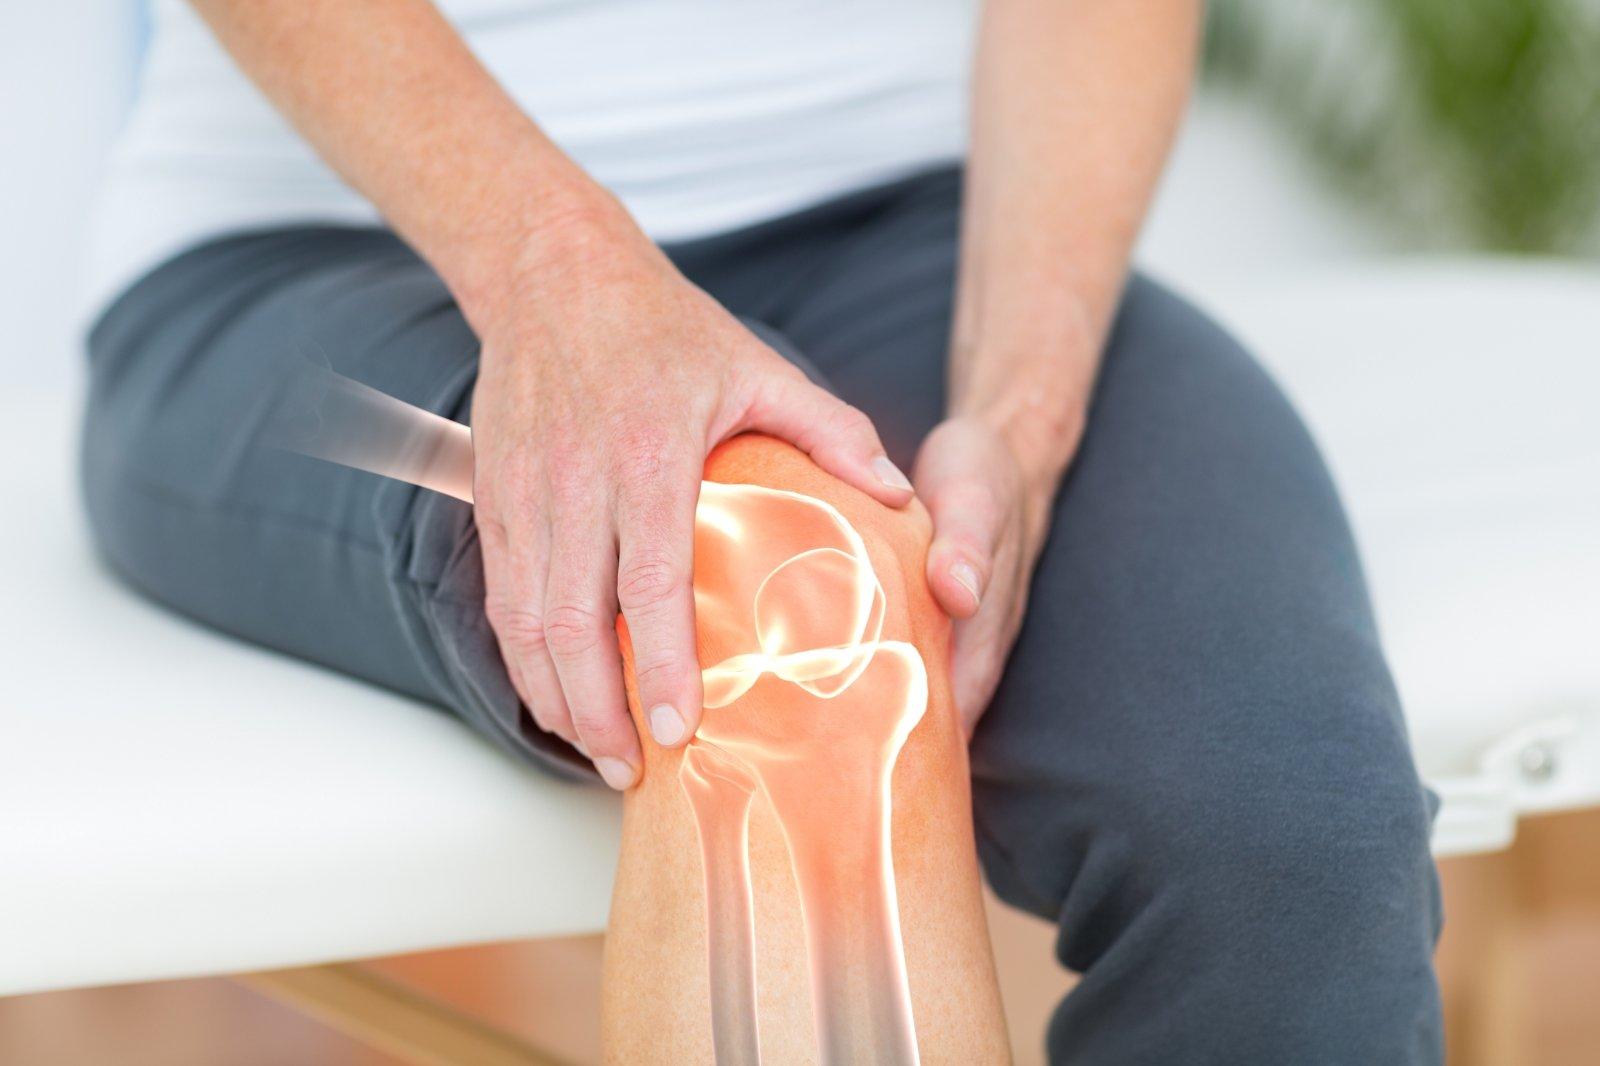 pagalba skauda sąnarį pablogėjimą artrito rankų